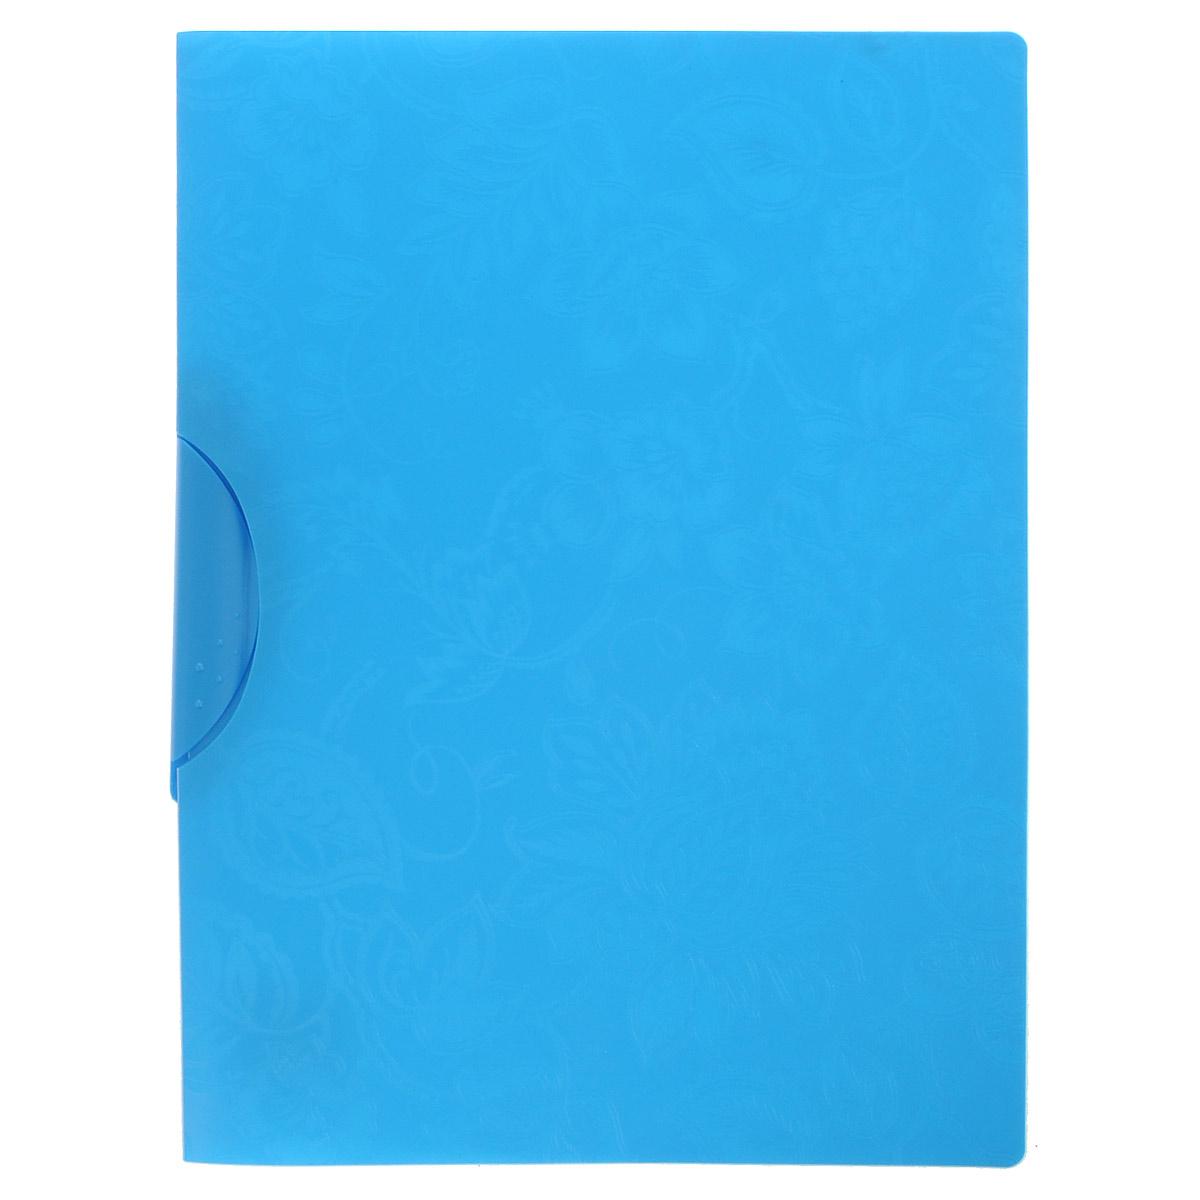 Папка с клипом Centrum Лотос, цвет: голубой, формат А4AC-1121RDПапка с клипом Centrum Лотос - это удобный и практичный офисный инструмент, предназначенный для хранения и транспортировки неперфорированных рабочих бумаг и документов формата А4. Она изготовлена из прочного пластика и оснащена боковым поворотным клипом, позволяющим фиксировать неперфорированные листы. Папка - это незаменимый атрибут для студента, школьника, офисного работника. Такая папка практична в использовании и надежно сохранит ваши документы и сбережет их от повреждений, пыли и влаги.